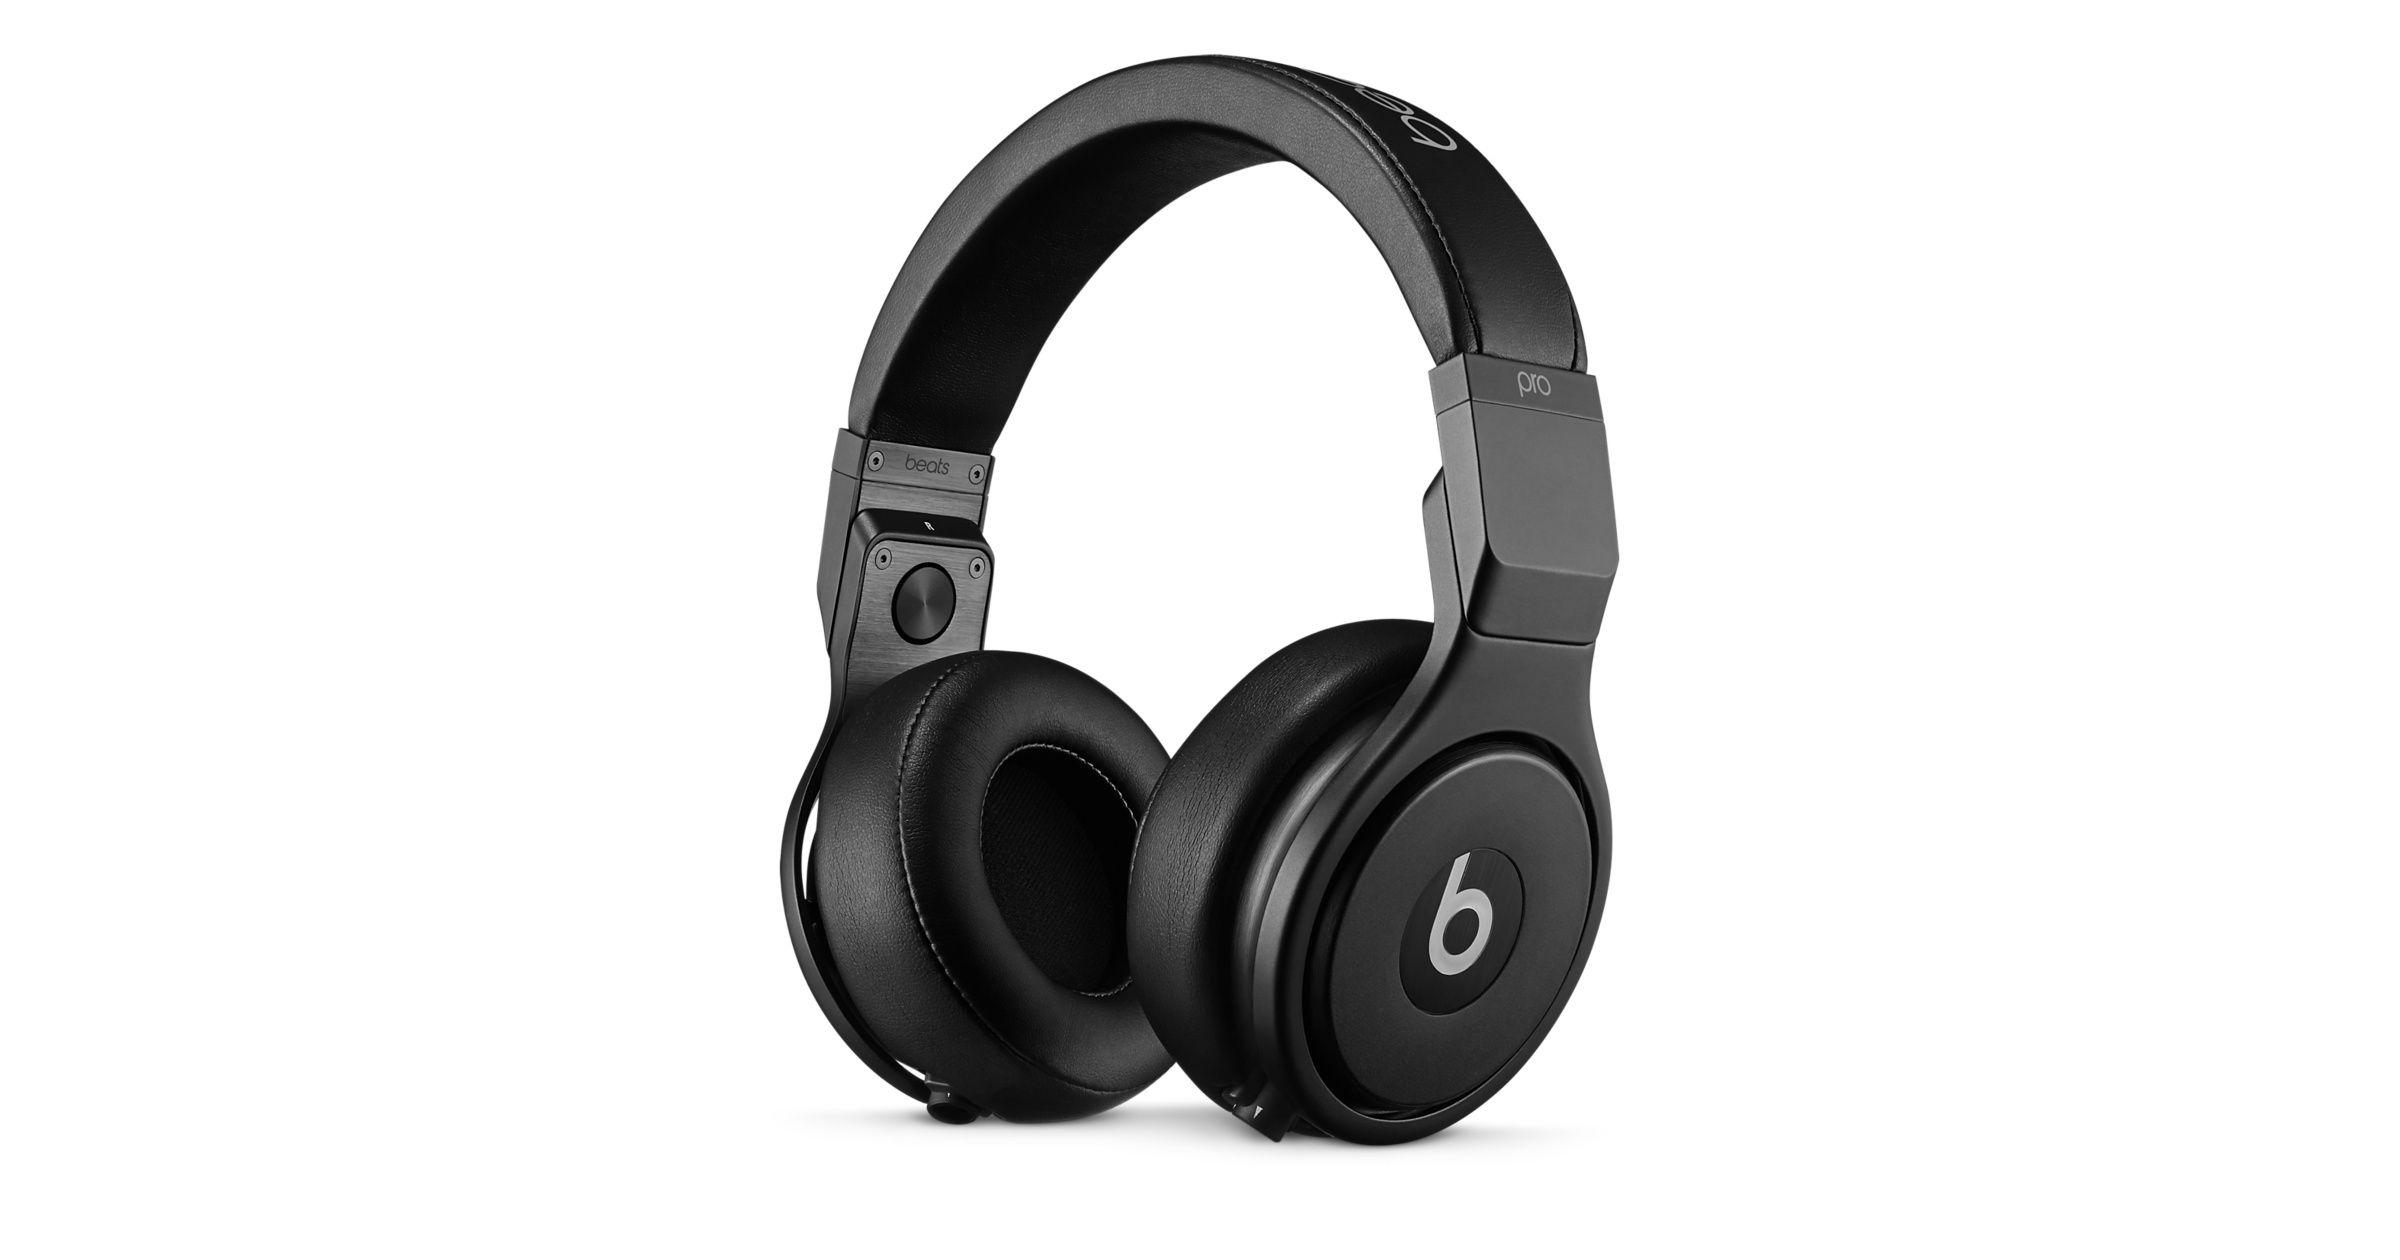 Buy Mac Or Ipad Pro Get Free Beats 300 3k Aa Miles 5 Cash Back Http Therewardboss Com Buy Mac Ipad Pro Free 300 Beats Ipad Pro Mac Ipad Free Beats